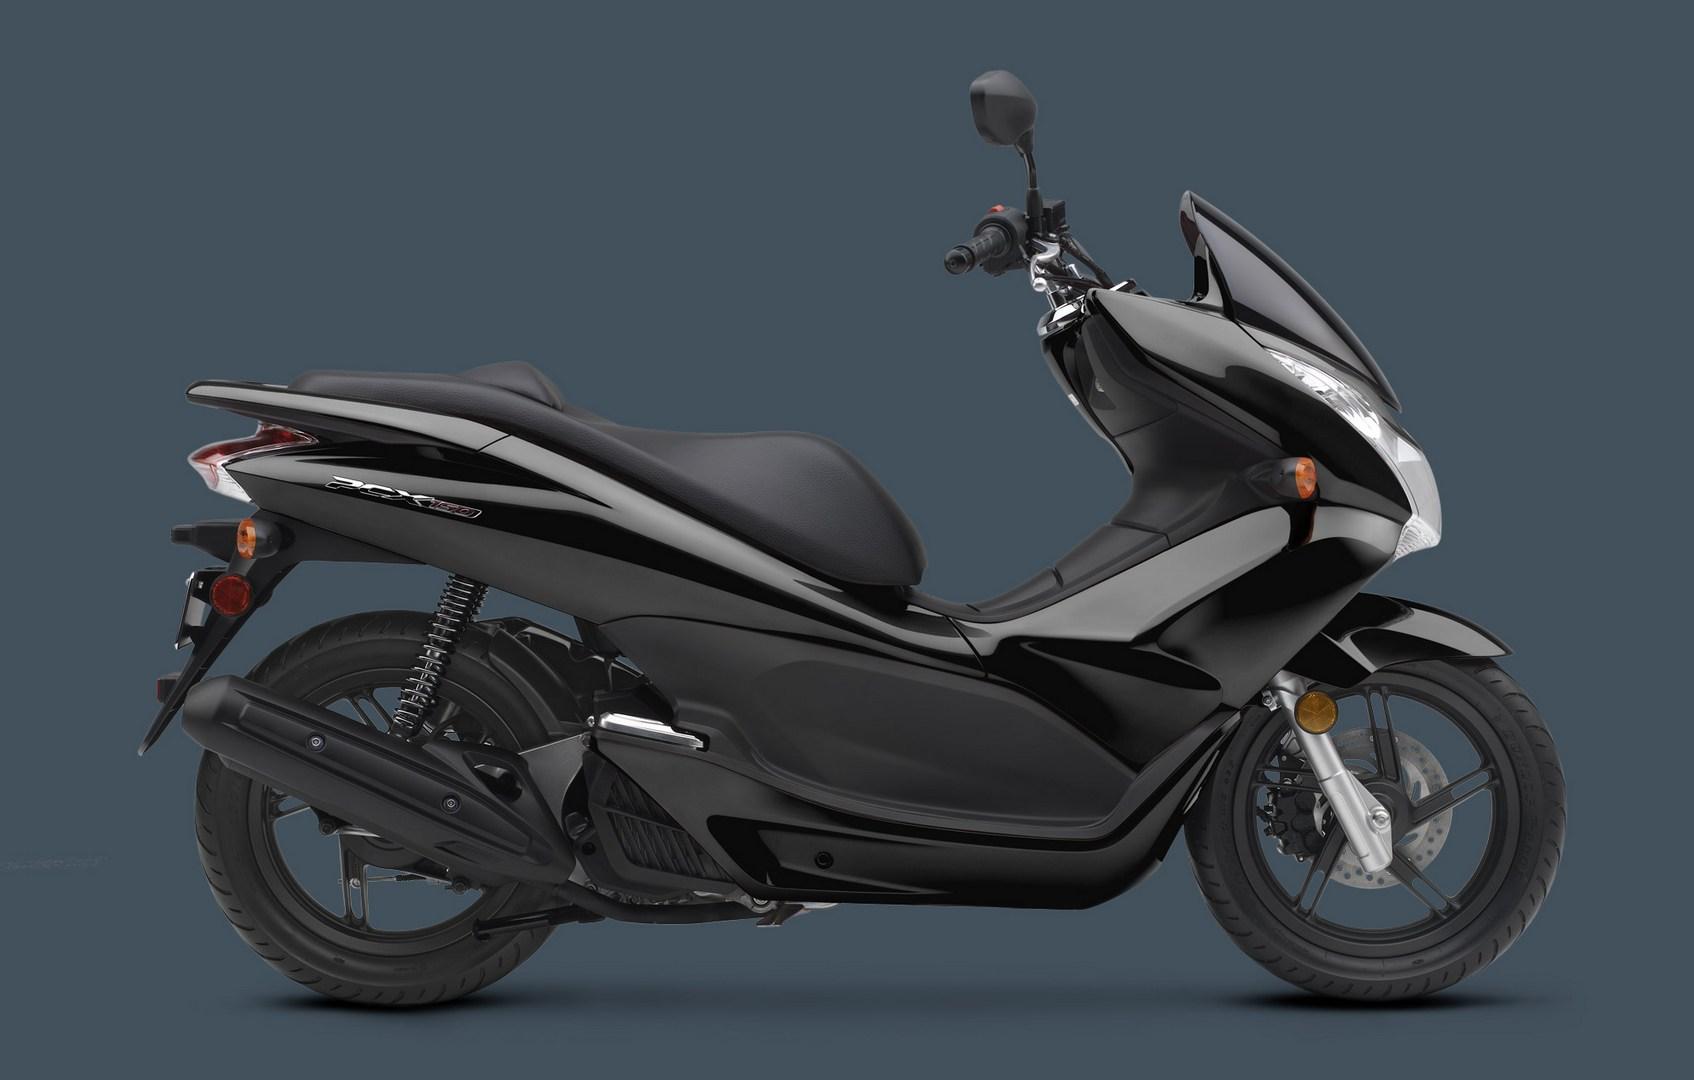 Honda Pcx İncelemesi ve Özellikleri